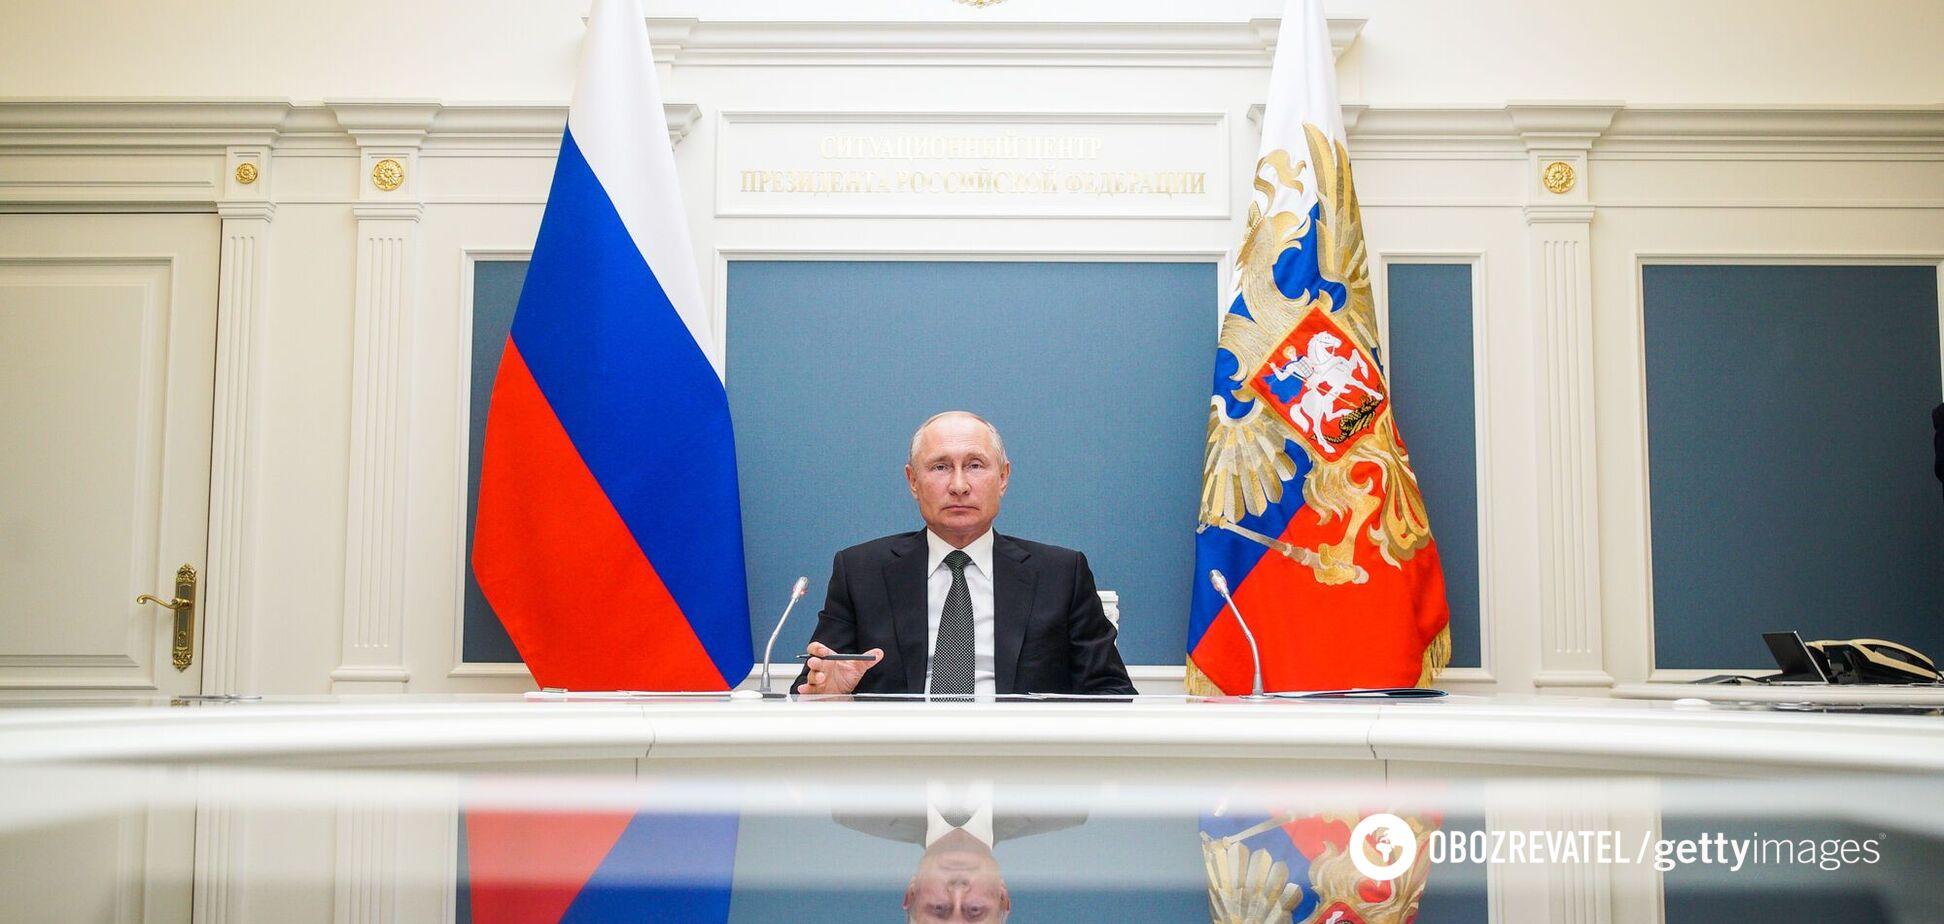 Послания Путина по Украине: почему не заявил об объявлении войны?